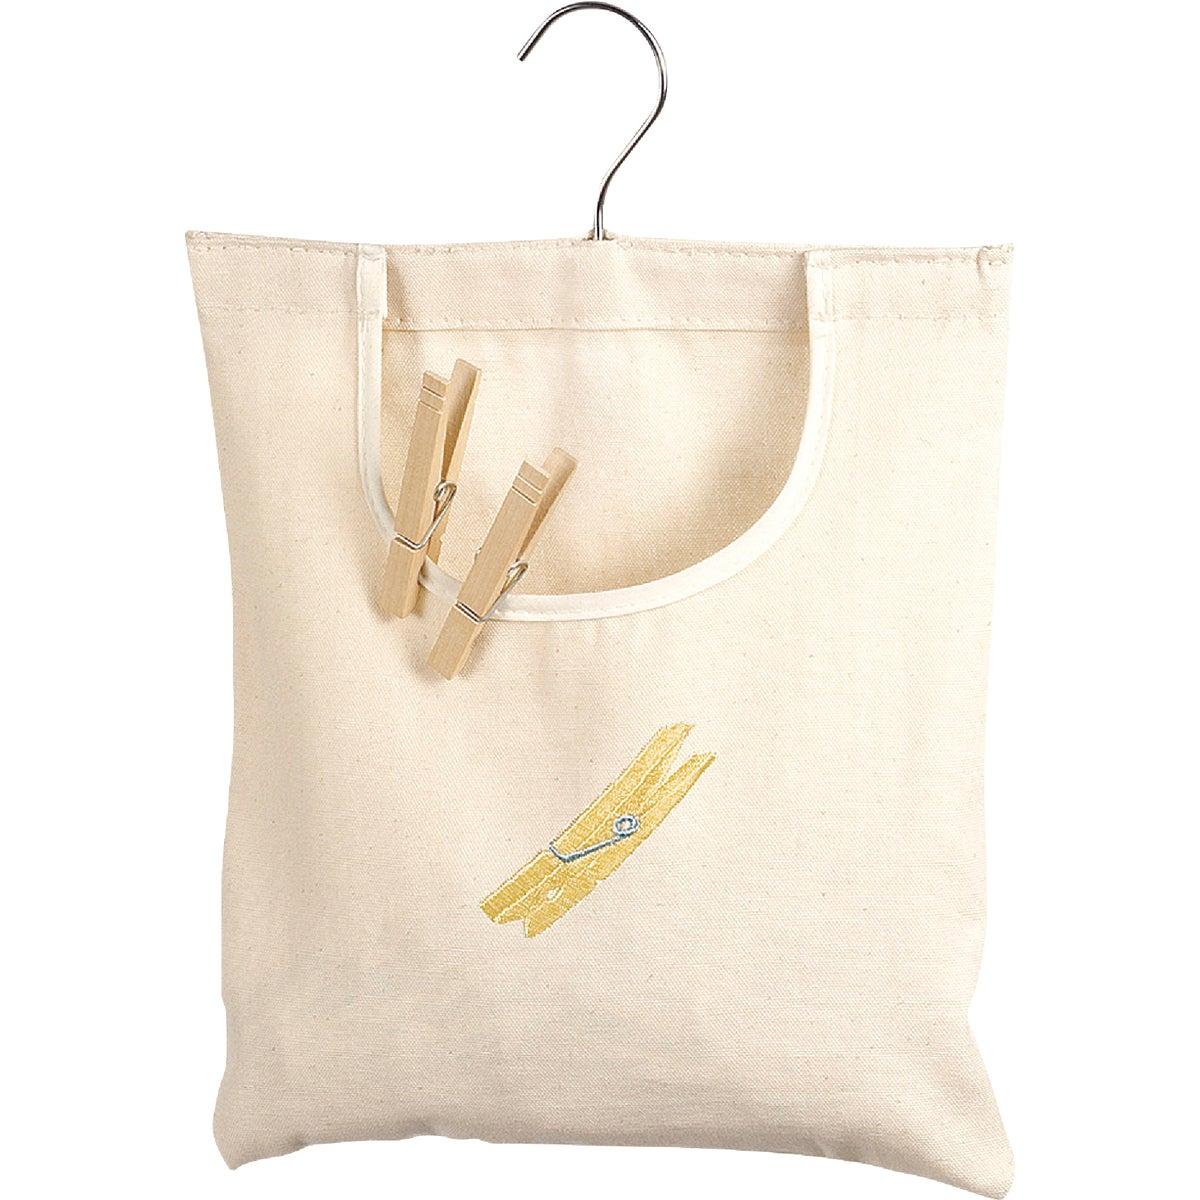 11X15 CLOTHESPIN BAG